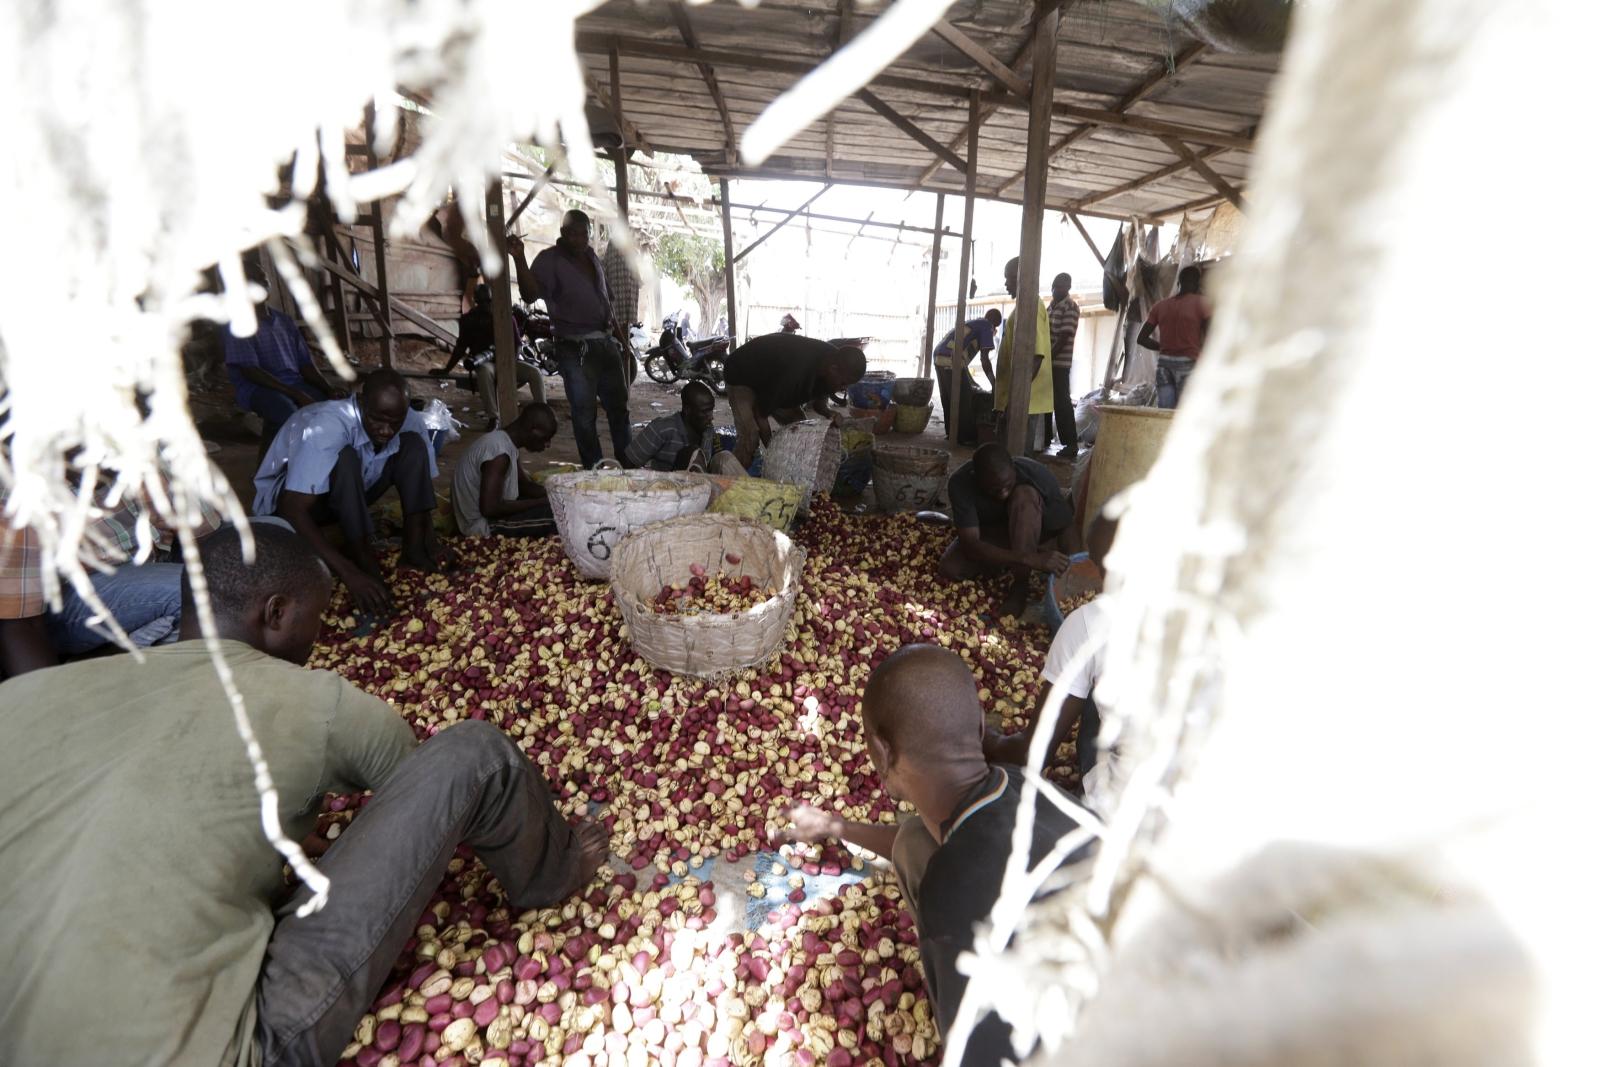 Robotnicy sortują orzechy Koli, Wybrzeże Kości Słoniowej.